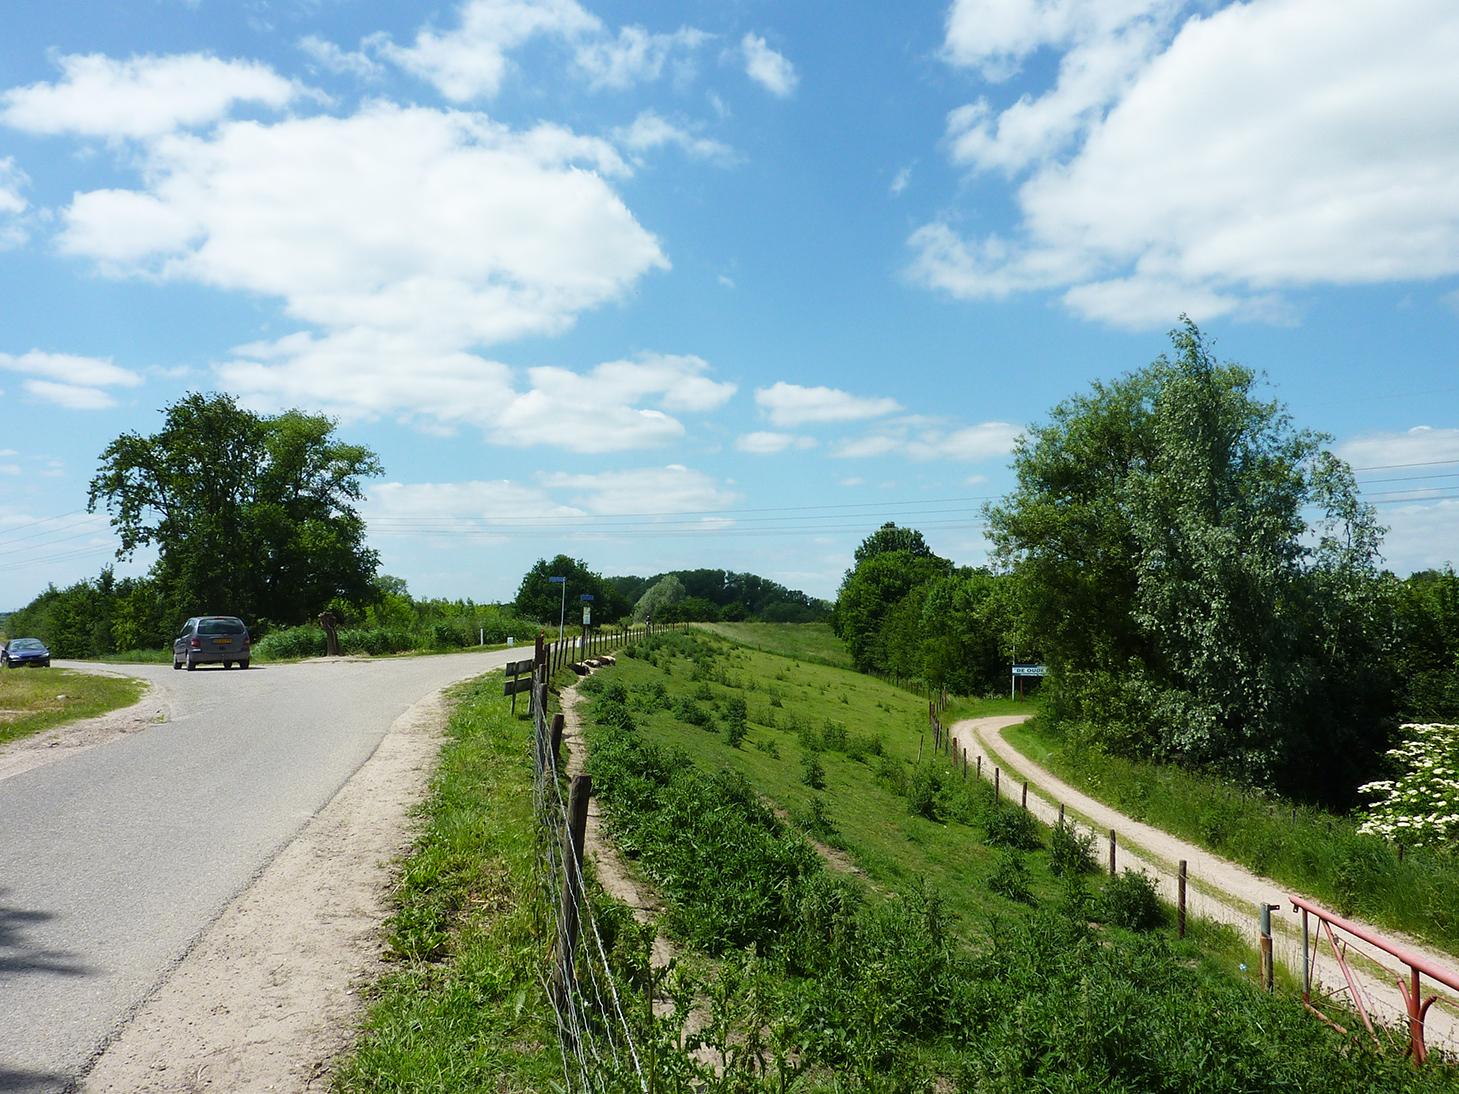 Maasdijk bij Empel, waterschap Aa en Maas